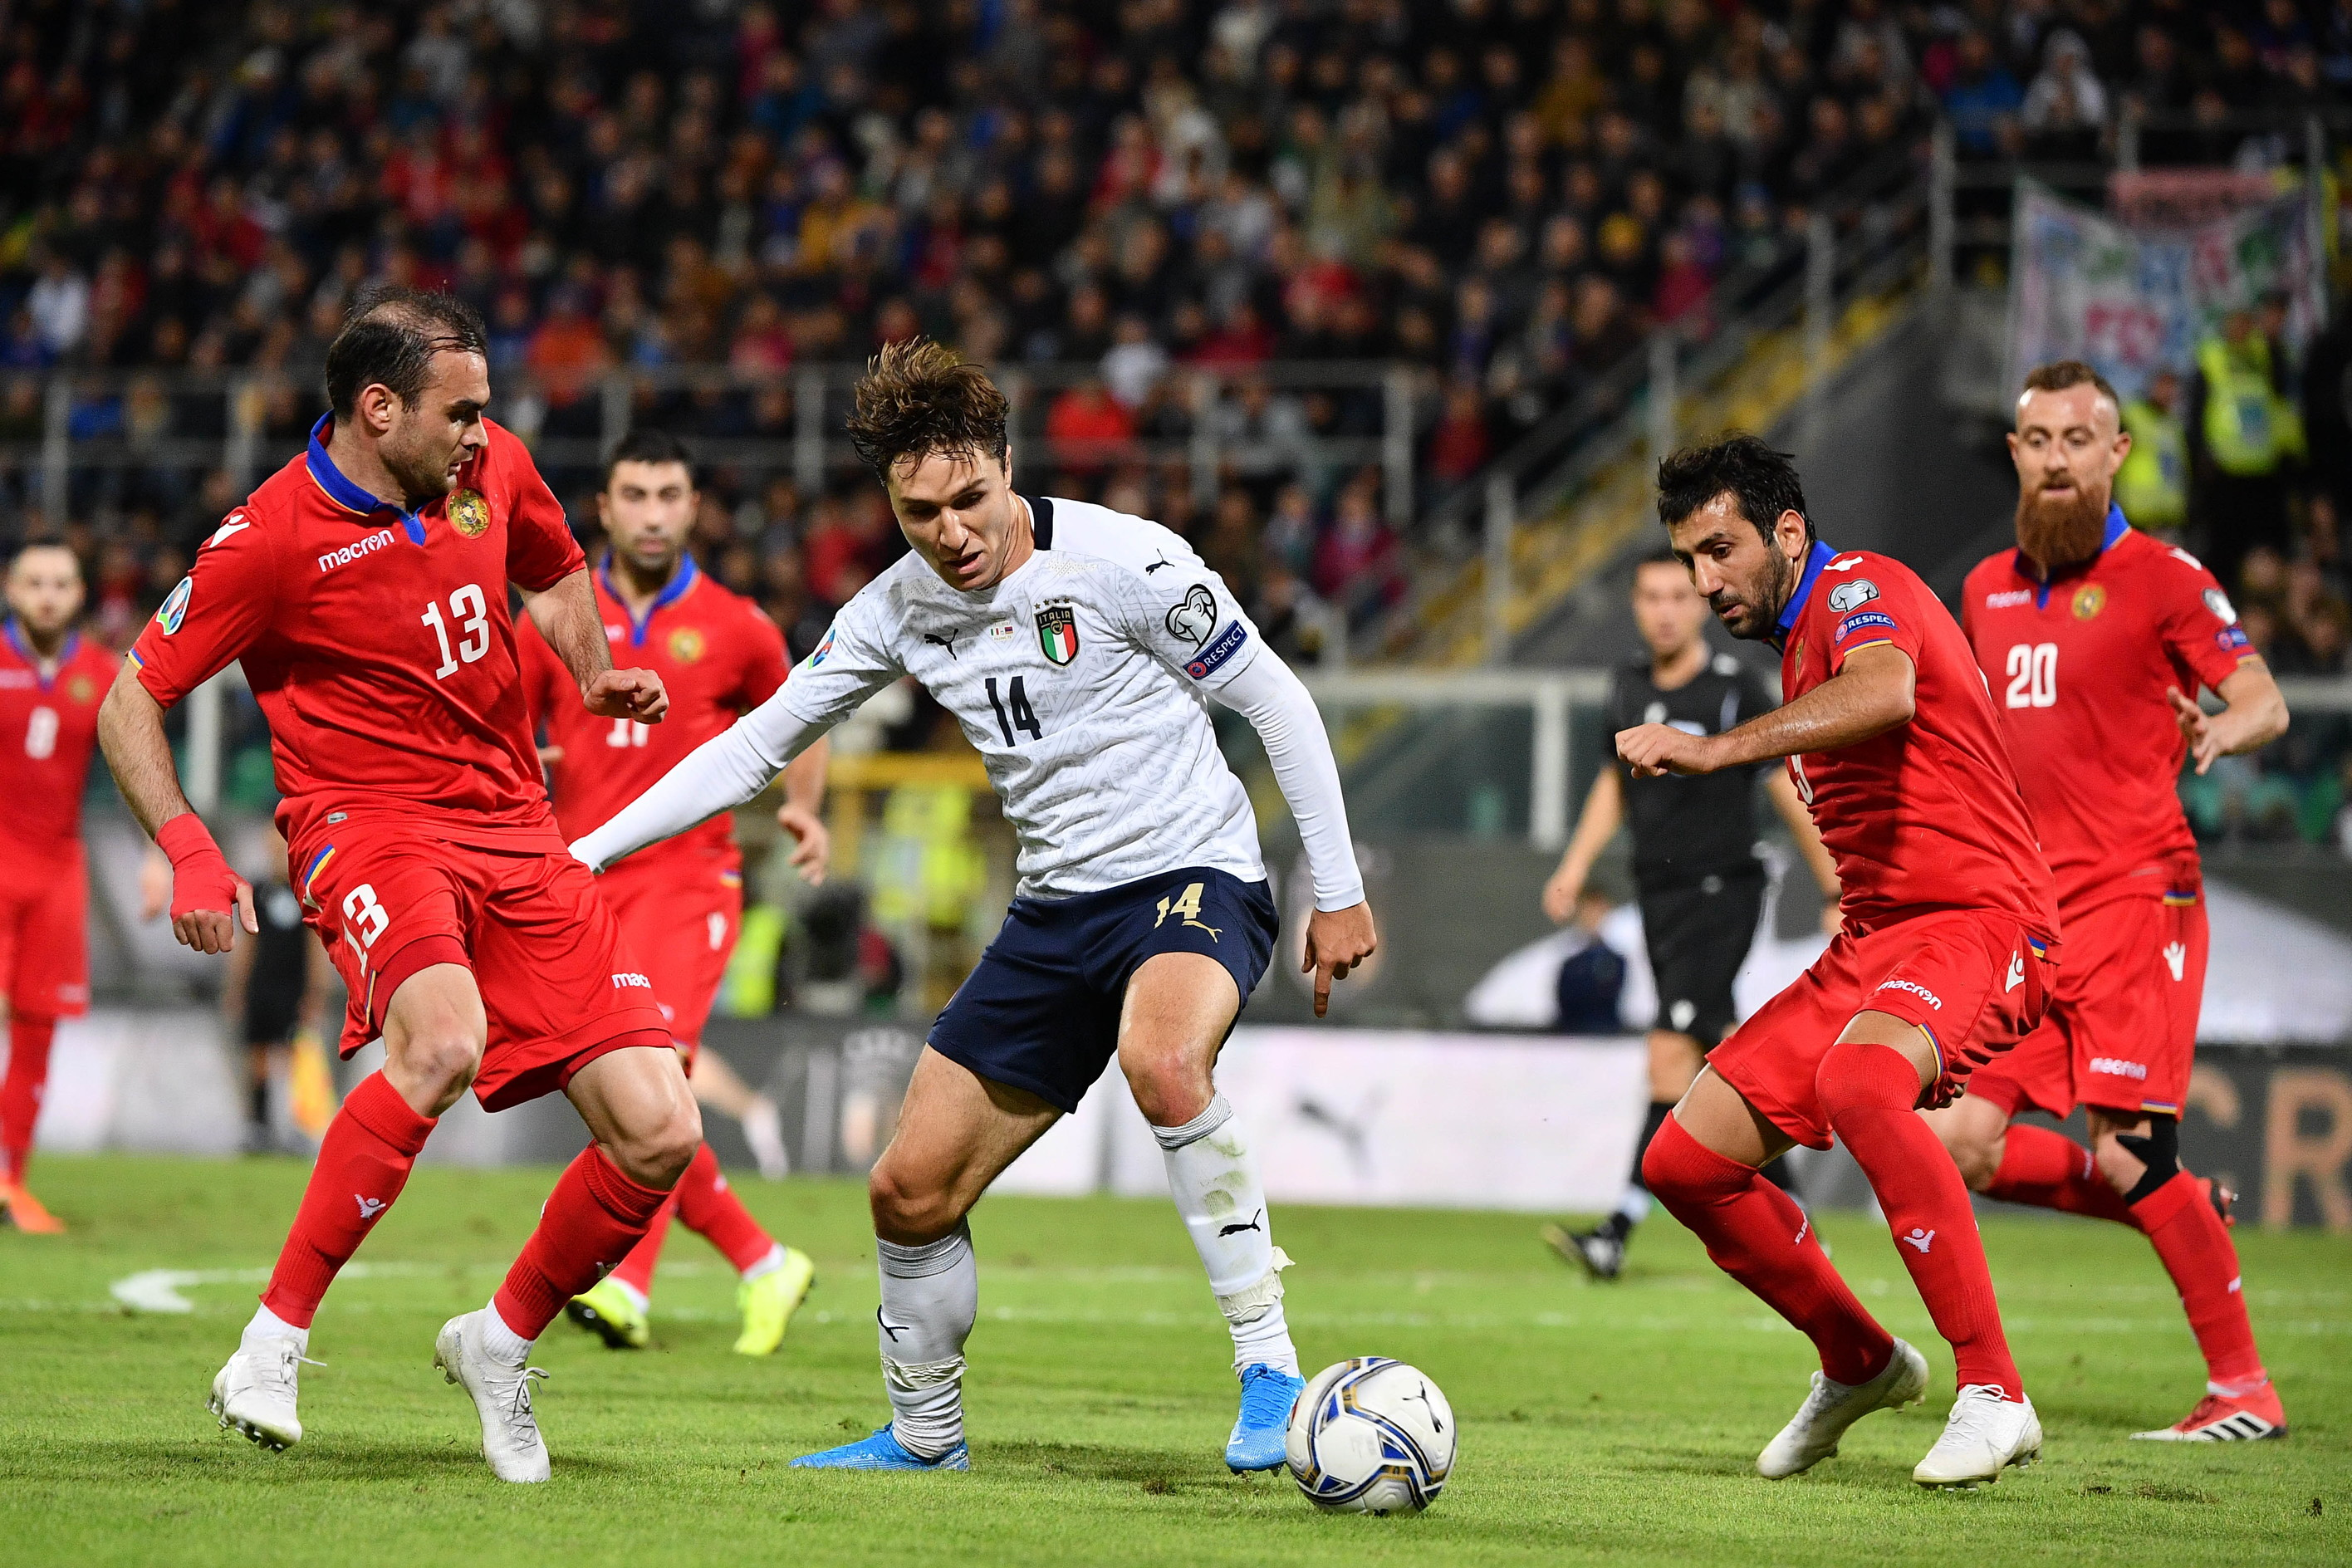 L'Italia travolge 9-1l'Armenia nell'ultima gara di qualificazione a Euro 2020 e, per la prima volta nella storia, vince tutte e 10 l...